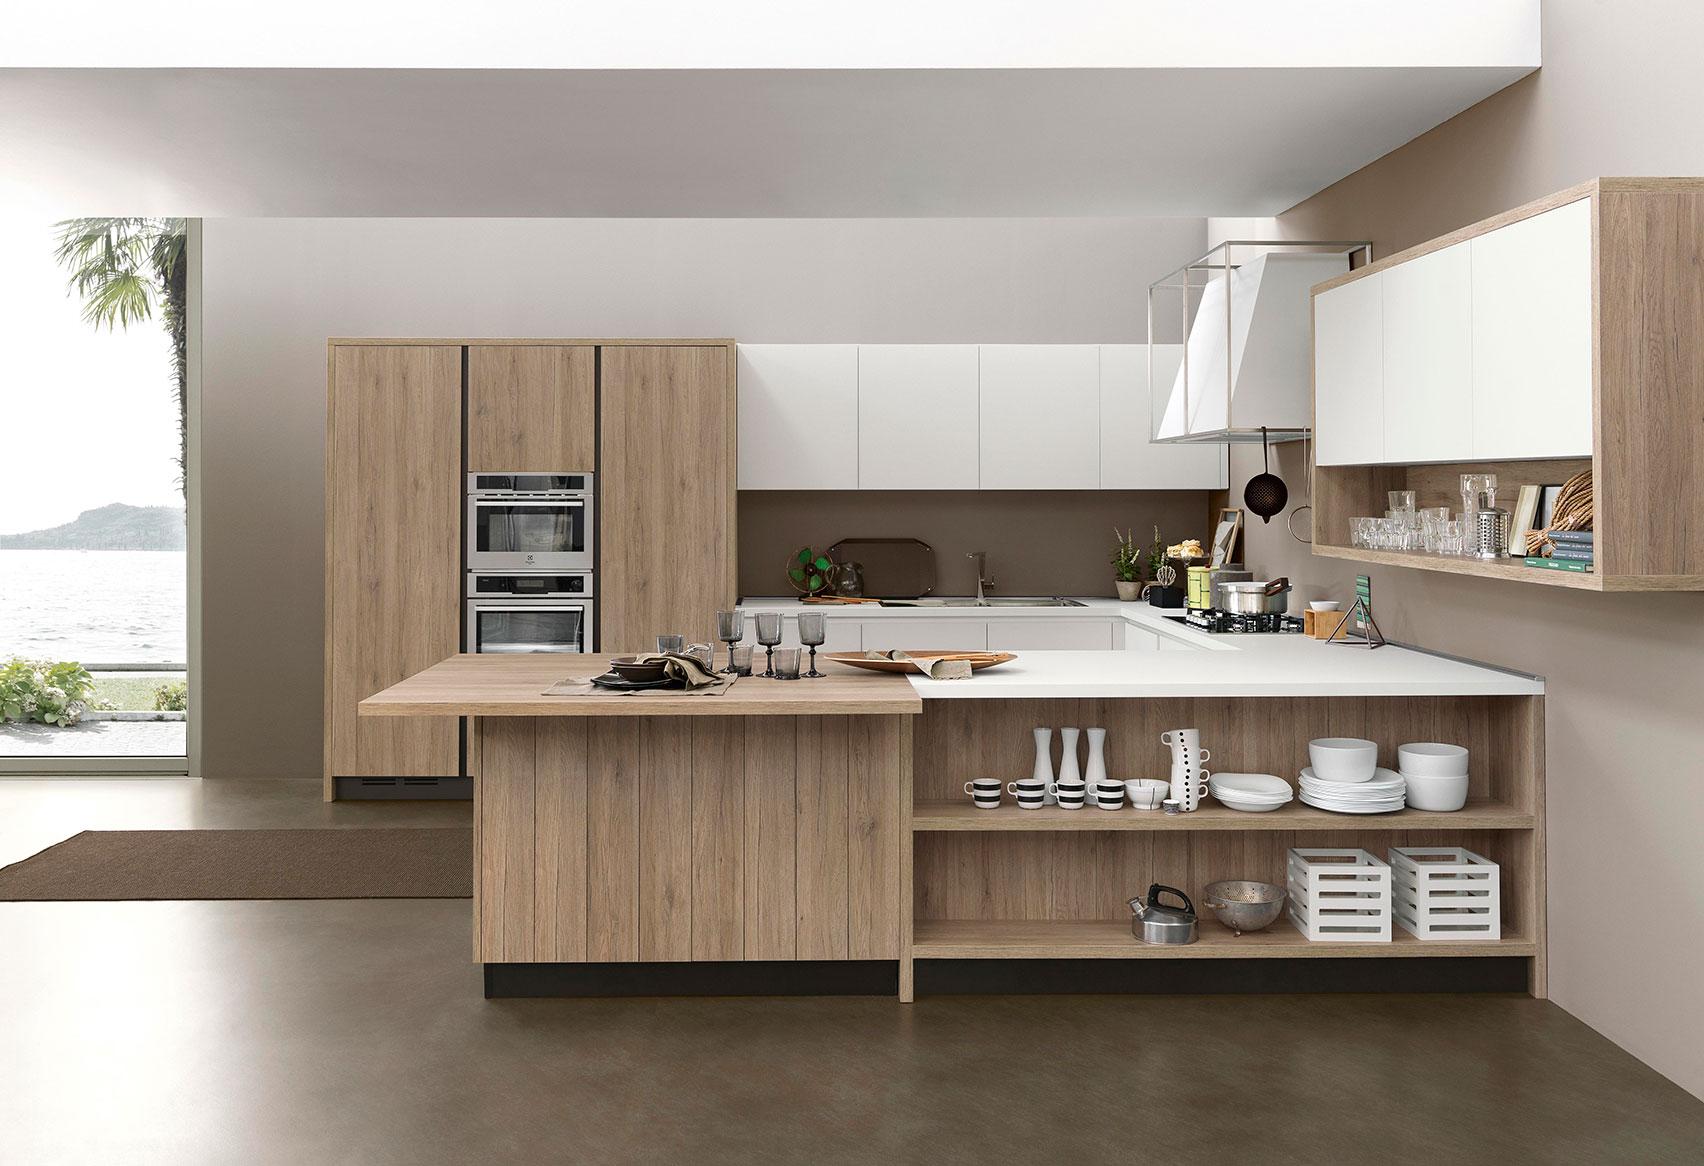 Decoracion de cocinas modernas en zaragoza blunni for Interior cocinas modernas